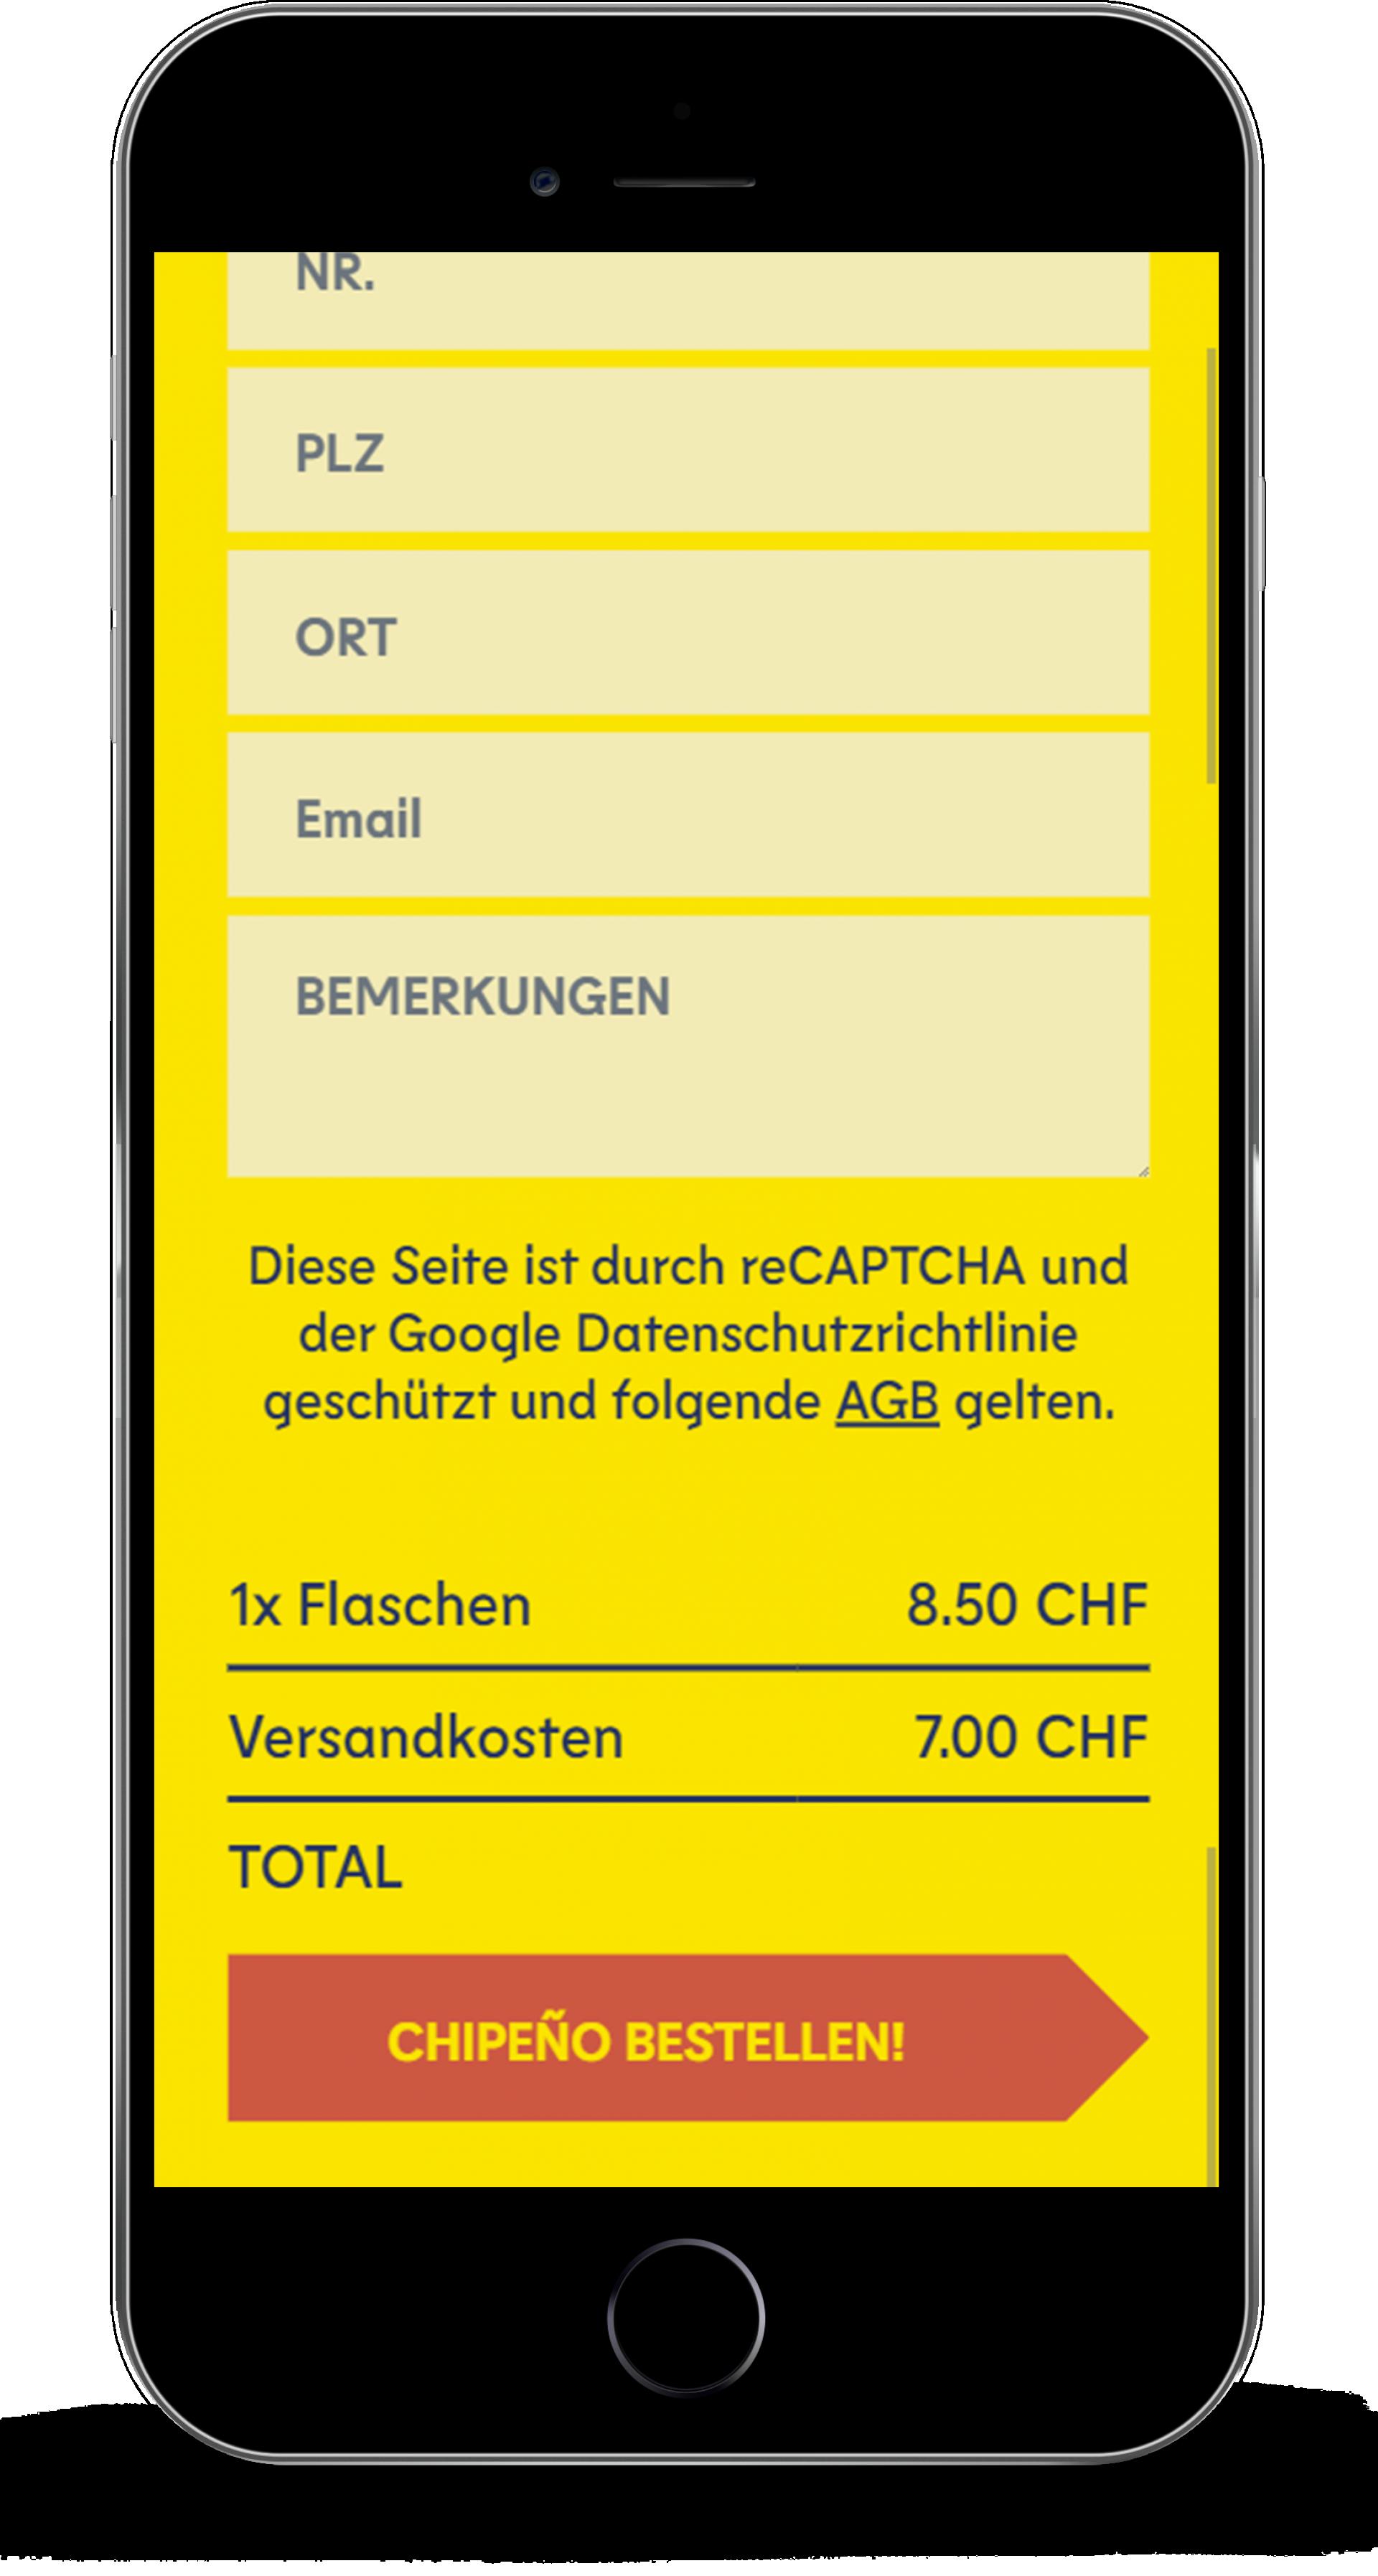 Chipeno mobile9